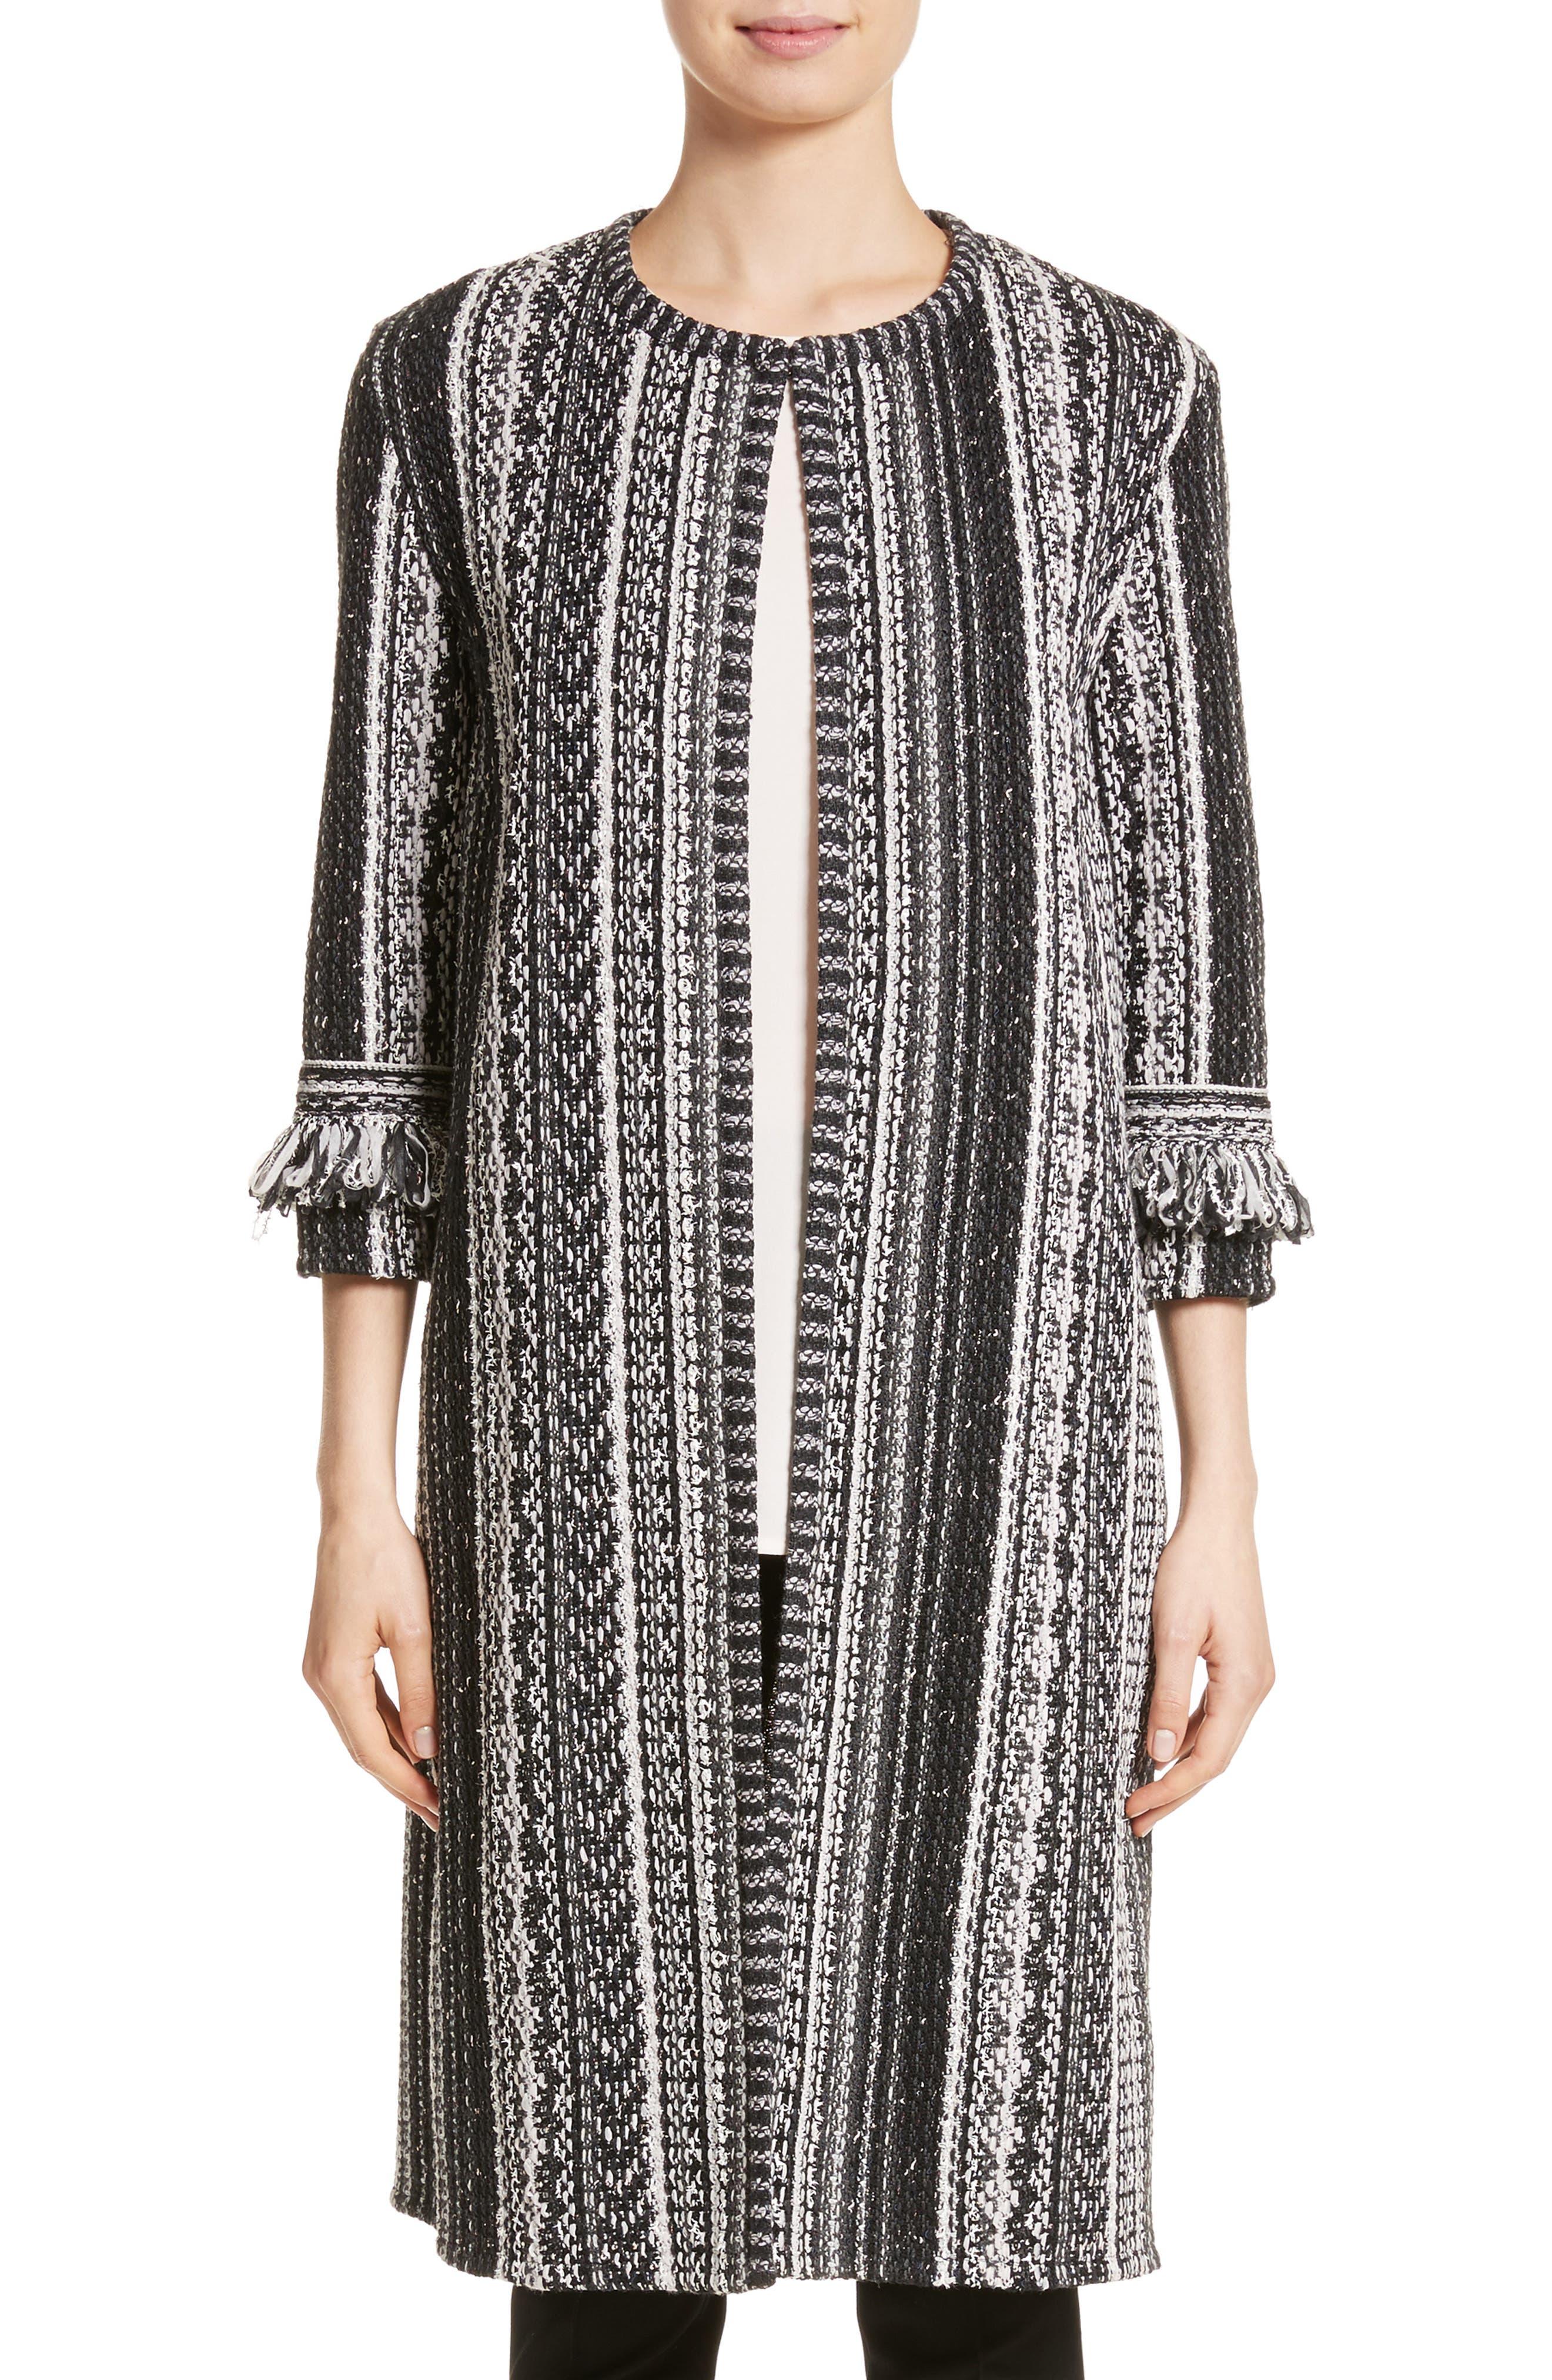 Main Image - St. John Collection Fringe Ombré Stripe Tweed Knit Jacket